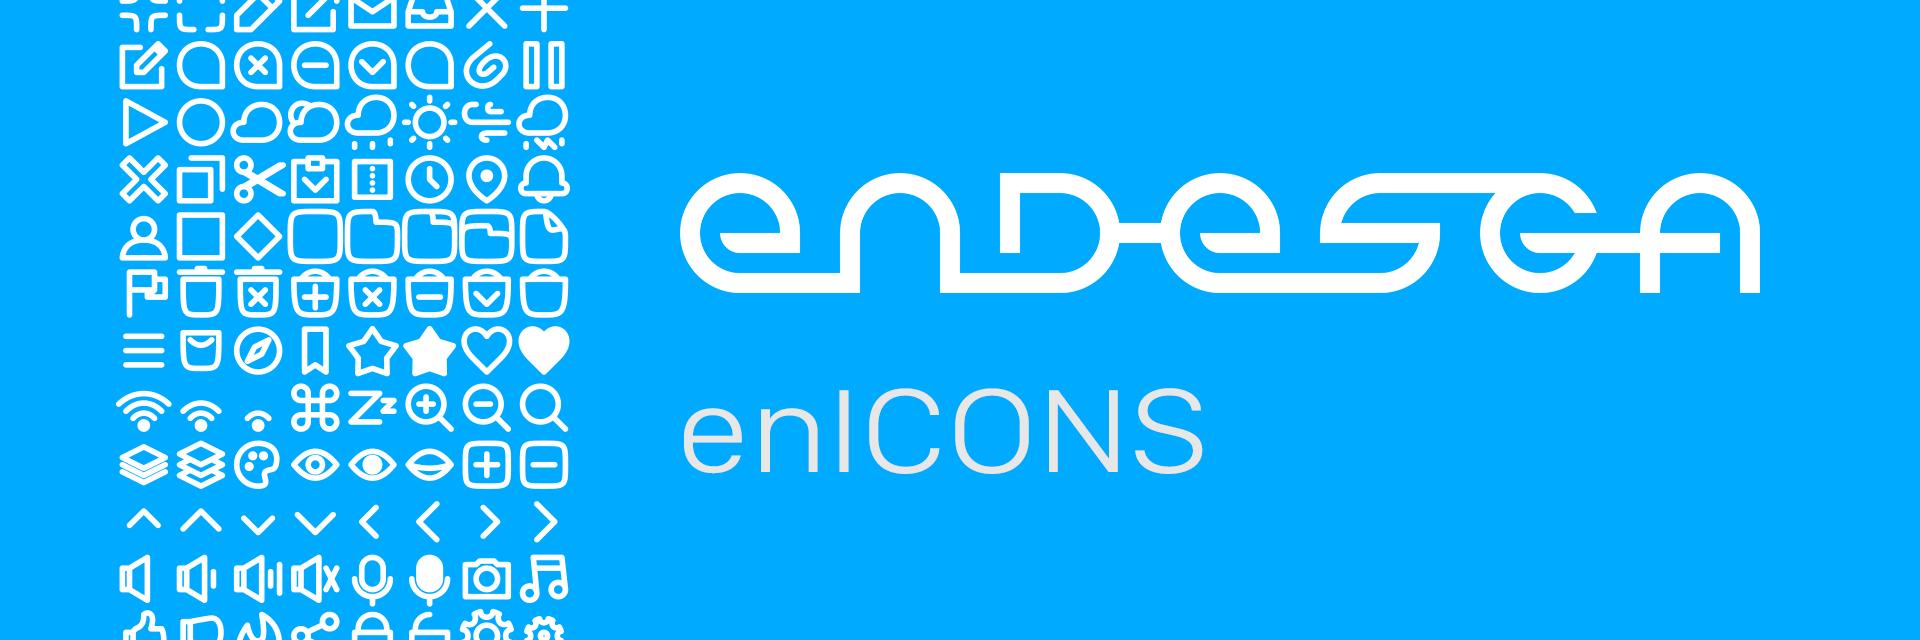 enICONS